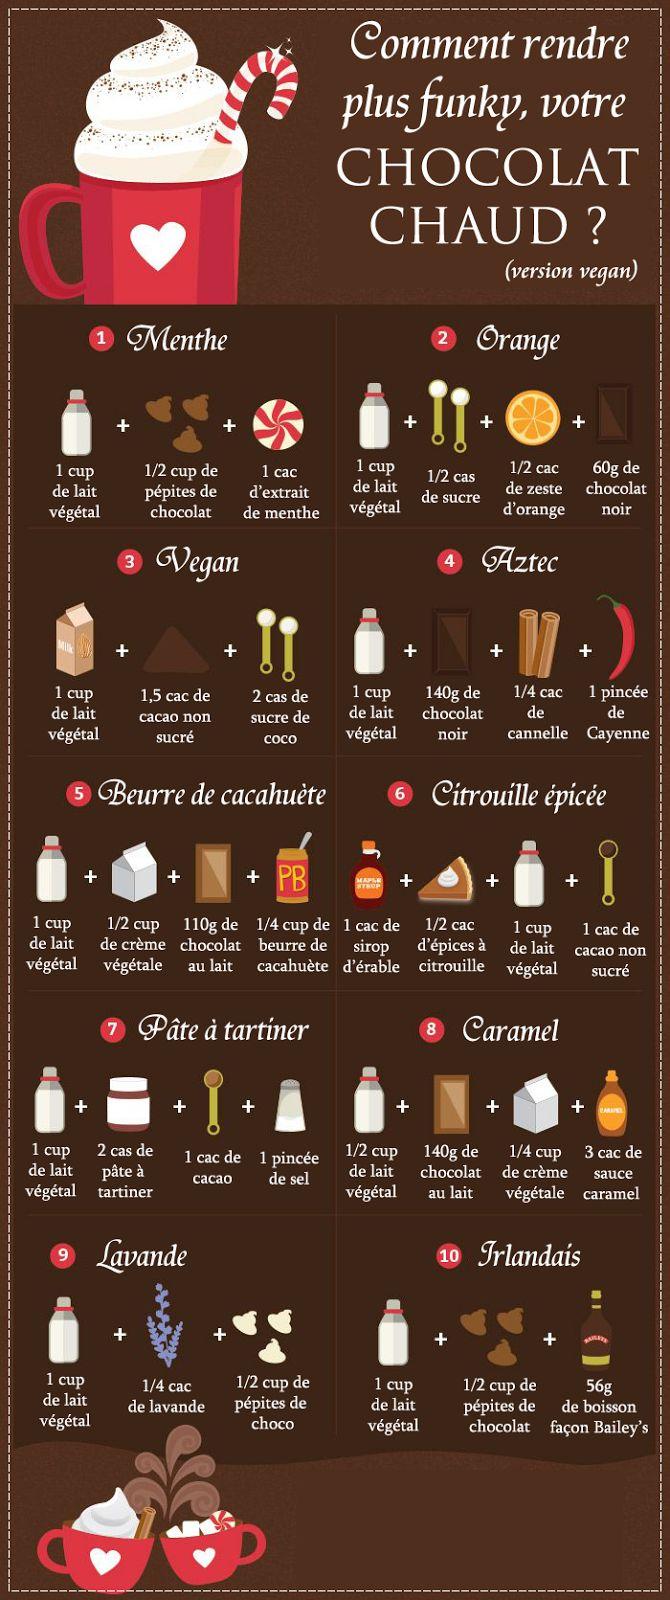 [Noël] 10 façons de se faire un chocolat chaud vegan ♡